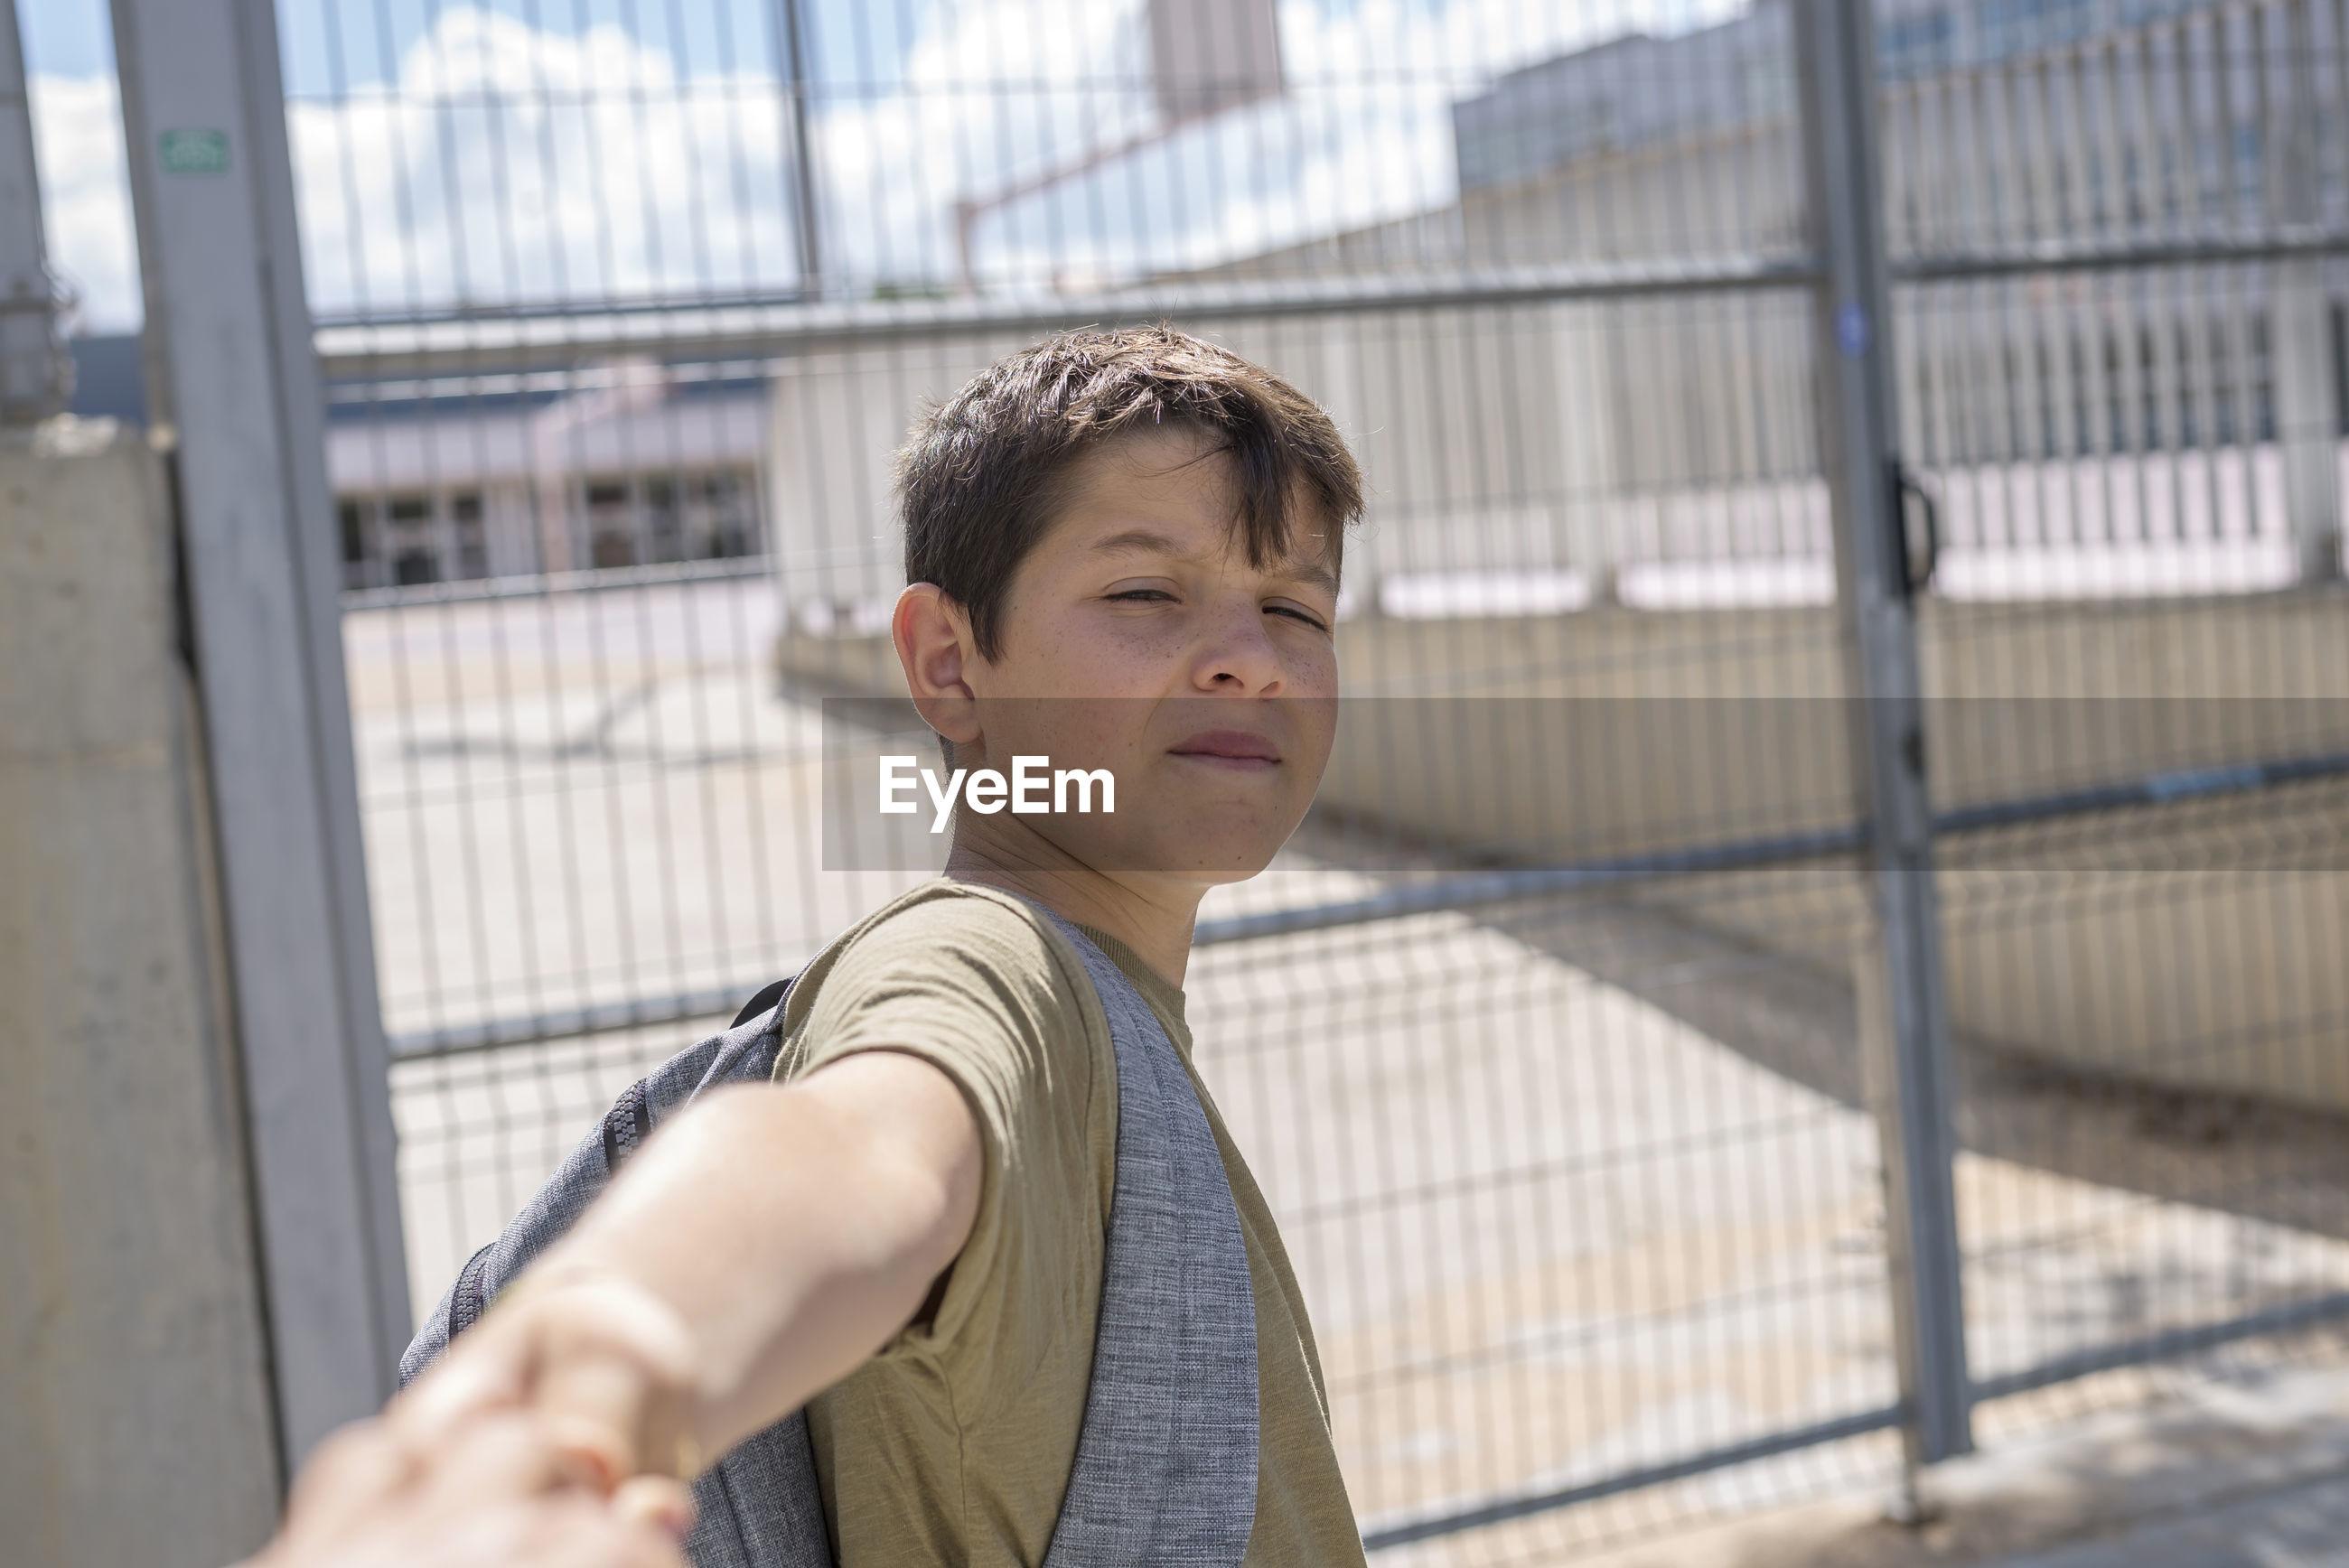 Portrait of boy against gate